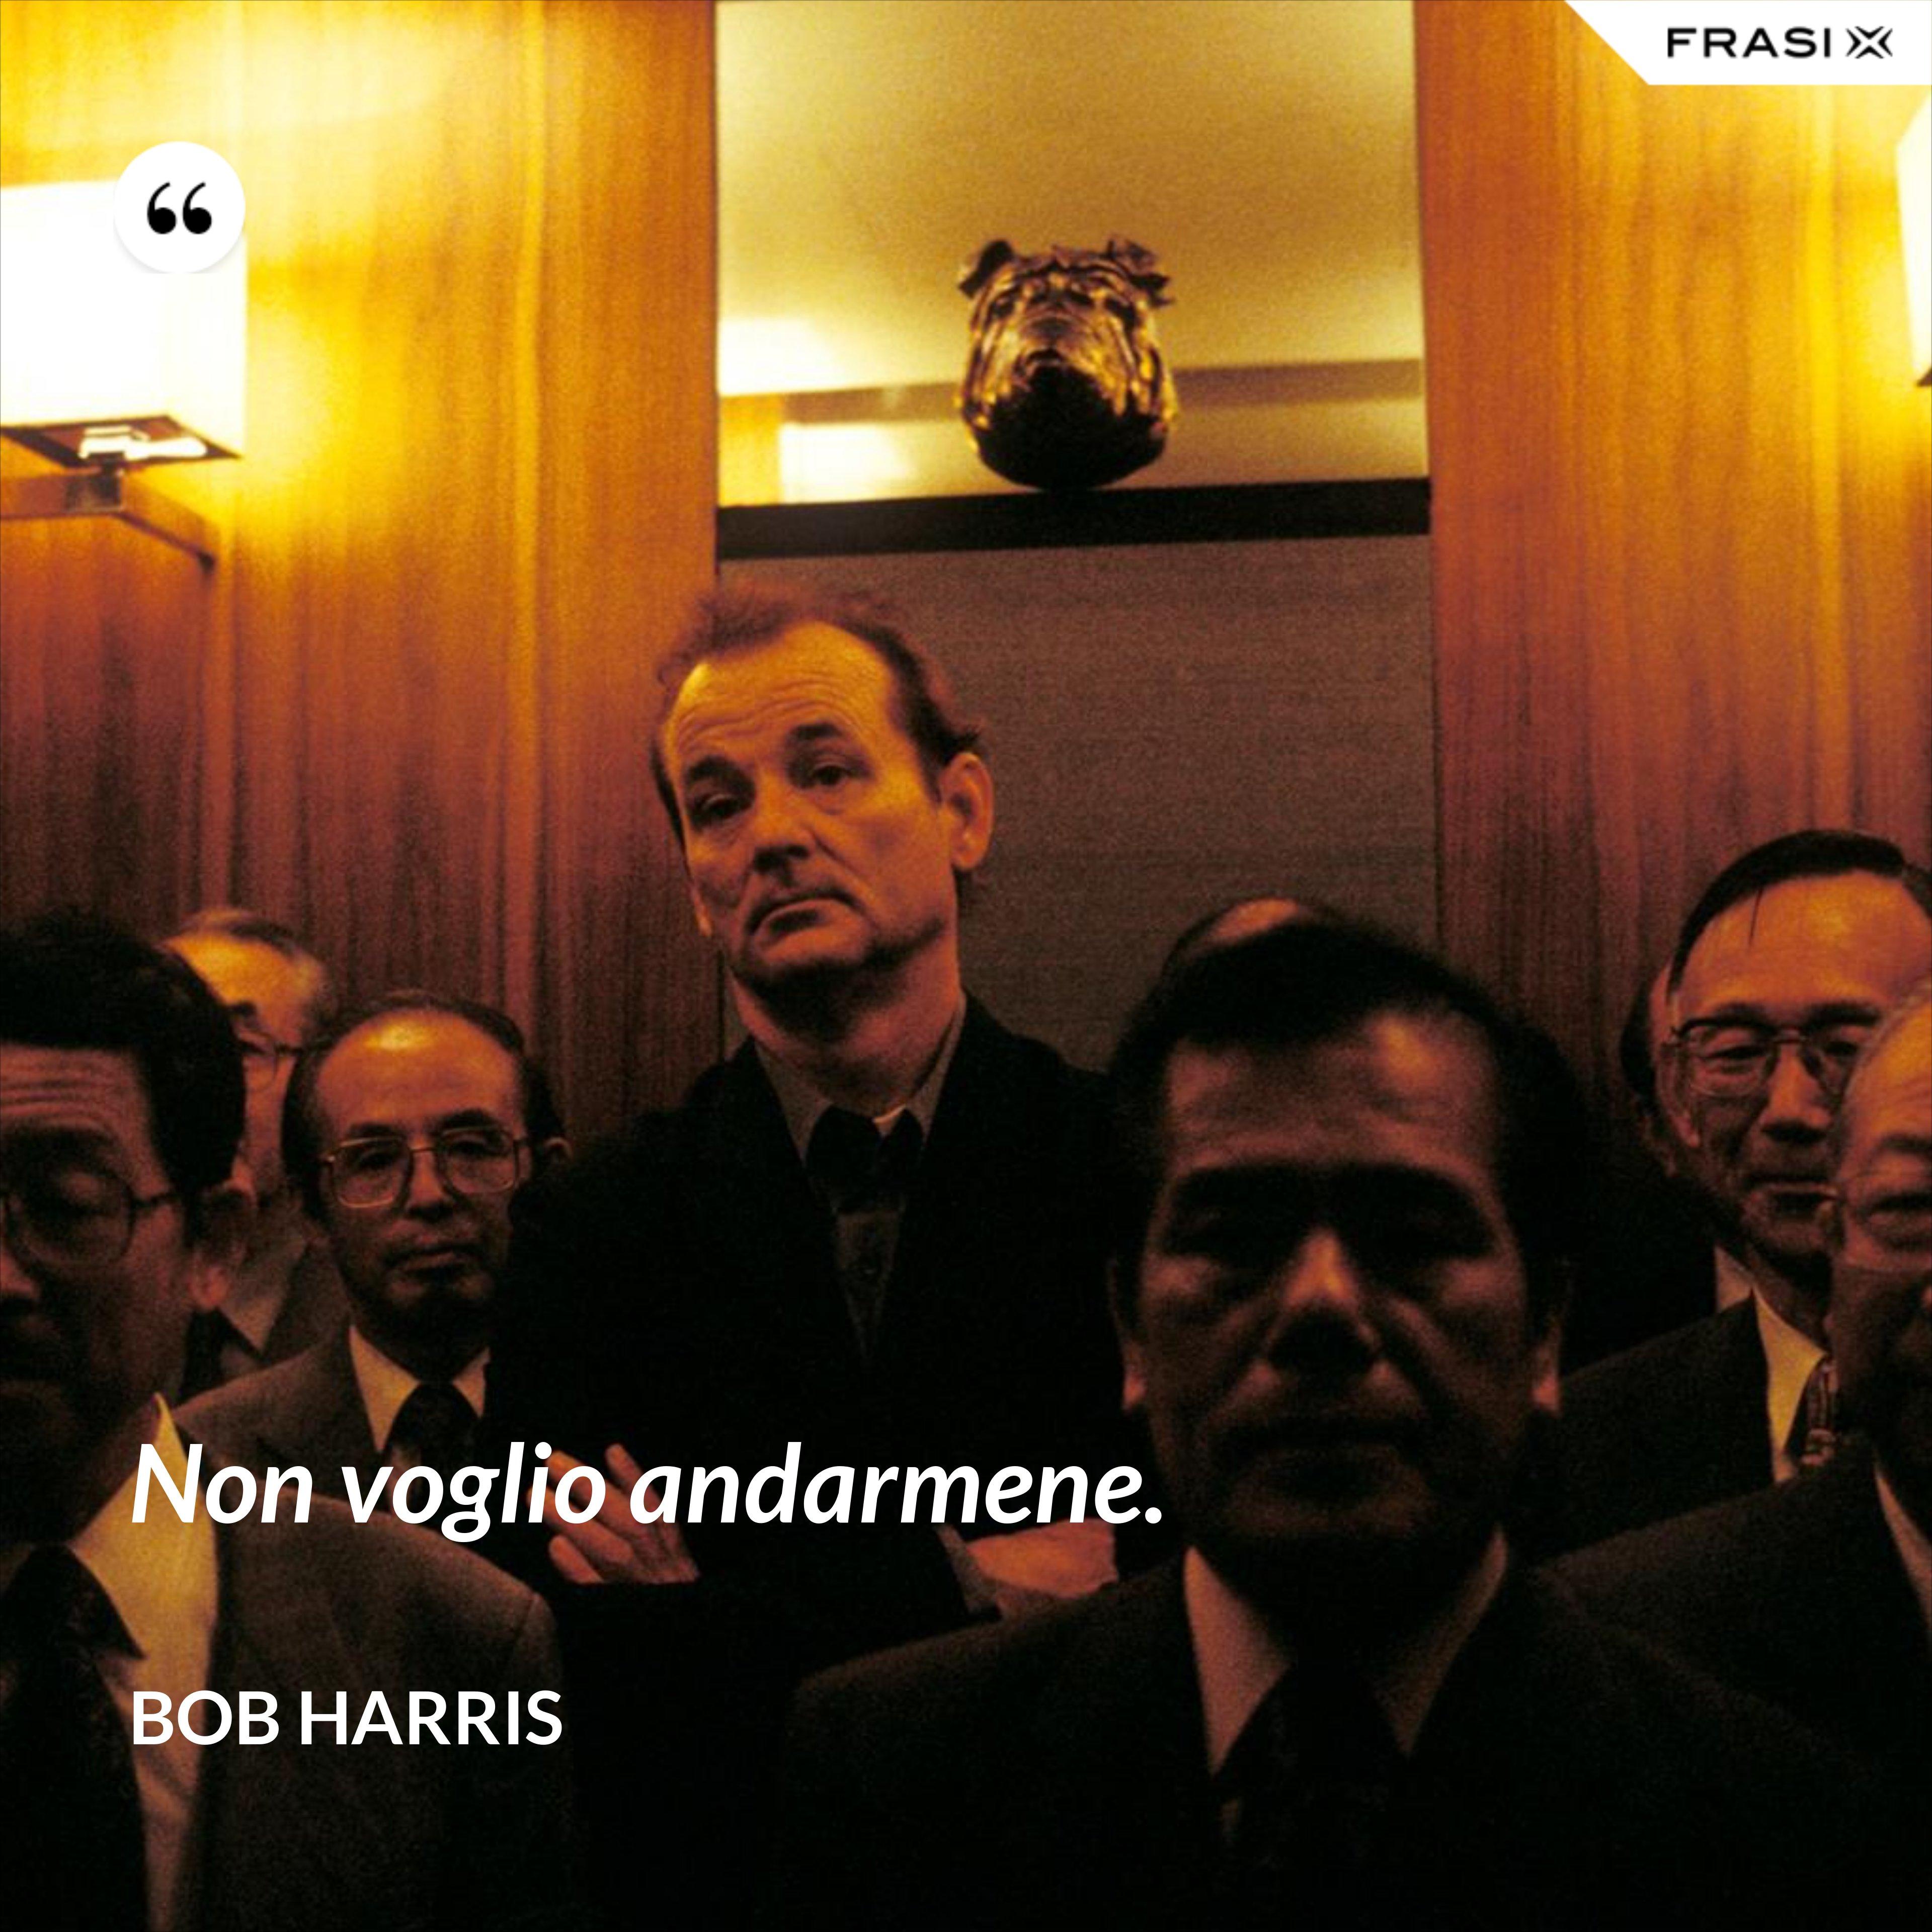 Non voglio andarmene. - Bob Harris